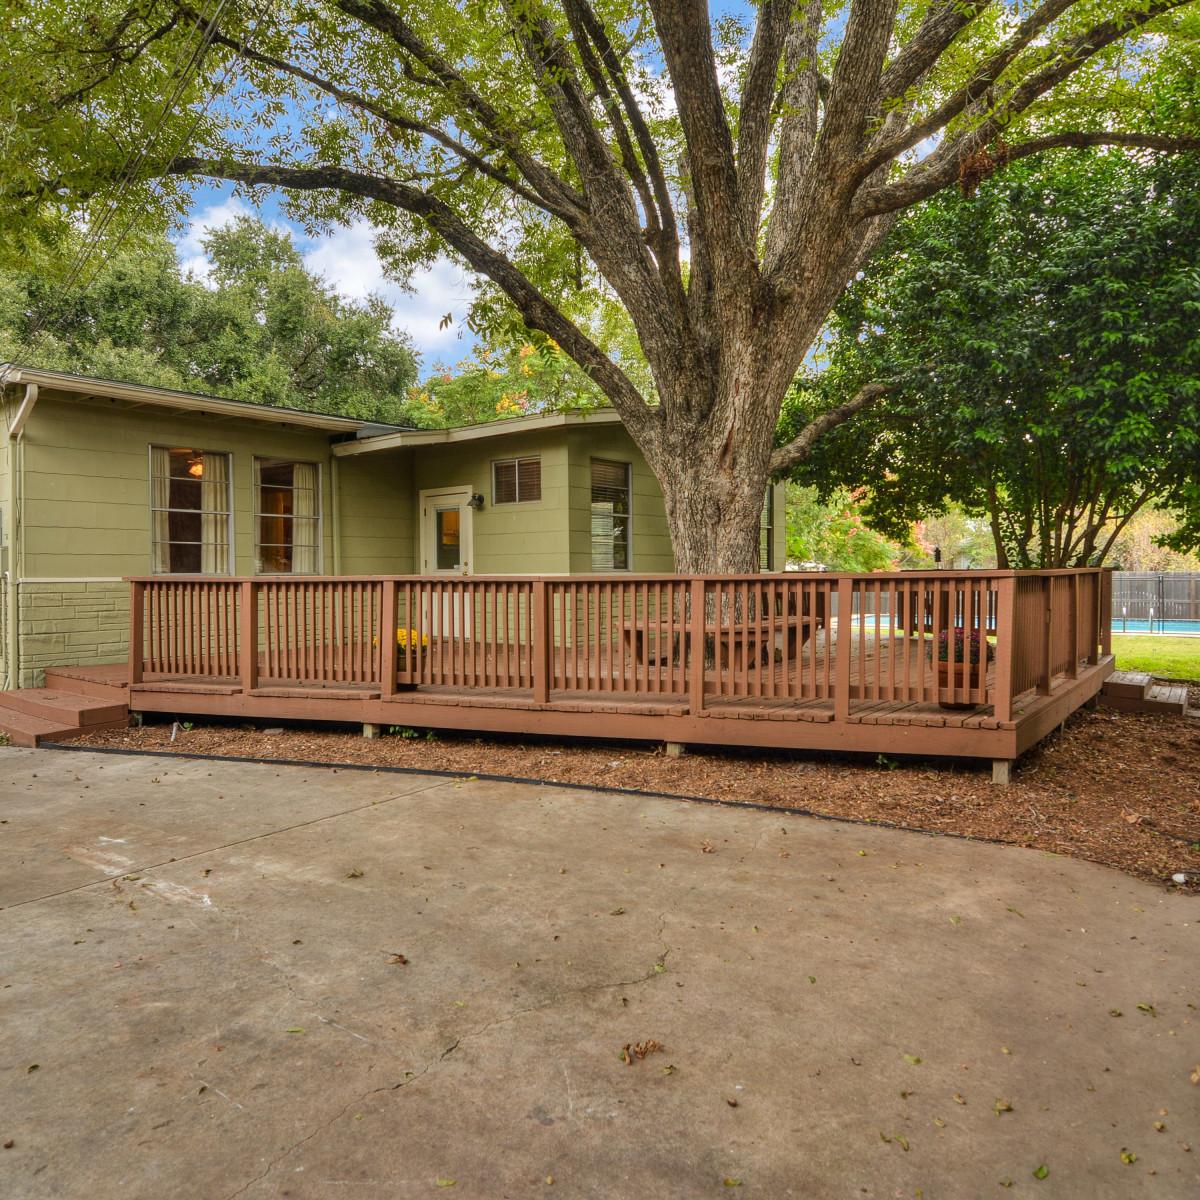 264 Larchmont San Antonio house for sale patio